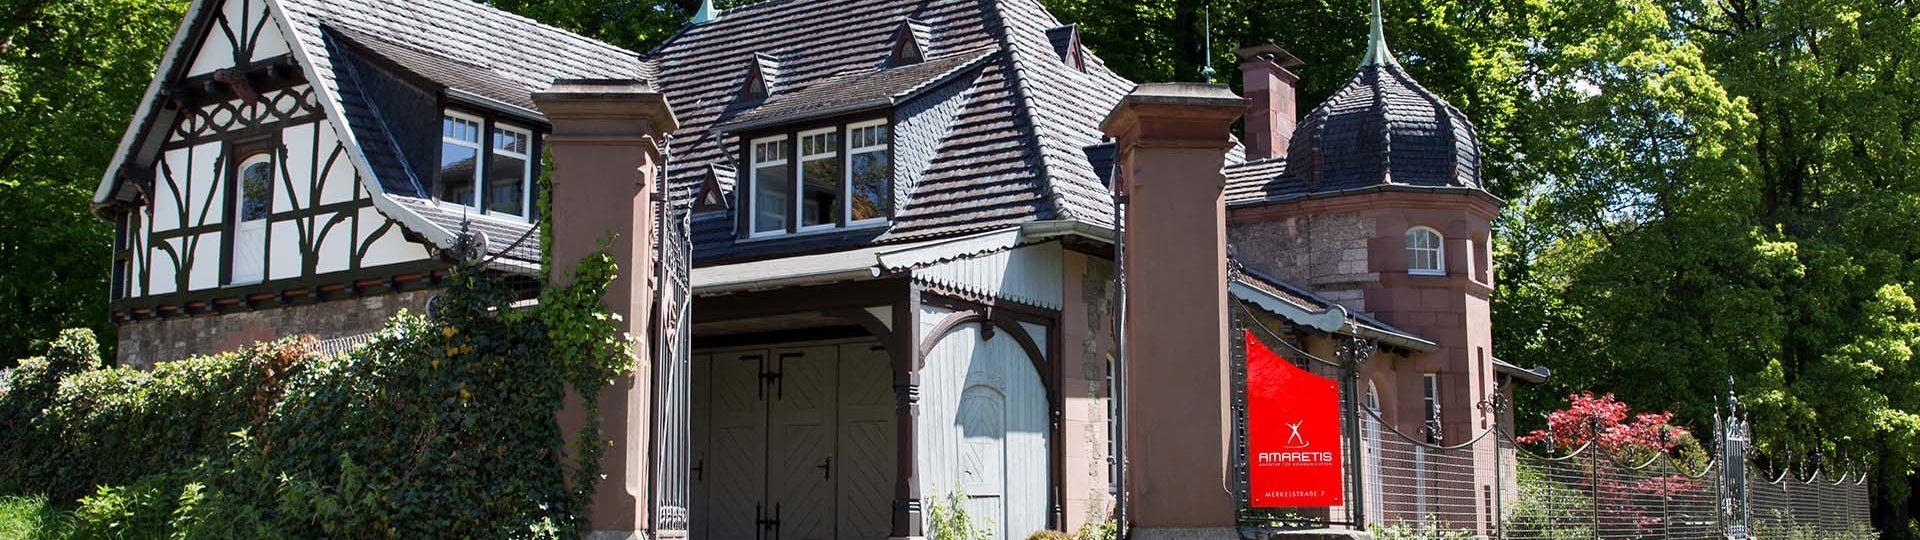 AMARETIS Agentur für Kommunikation Werbeagentur Göttingen Kutscherhaus Göttingen